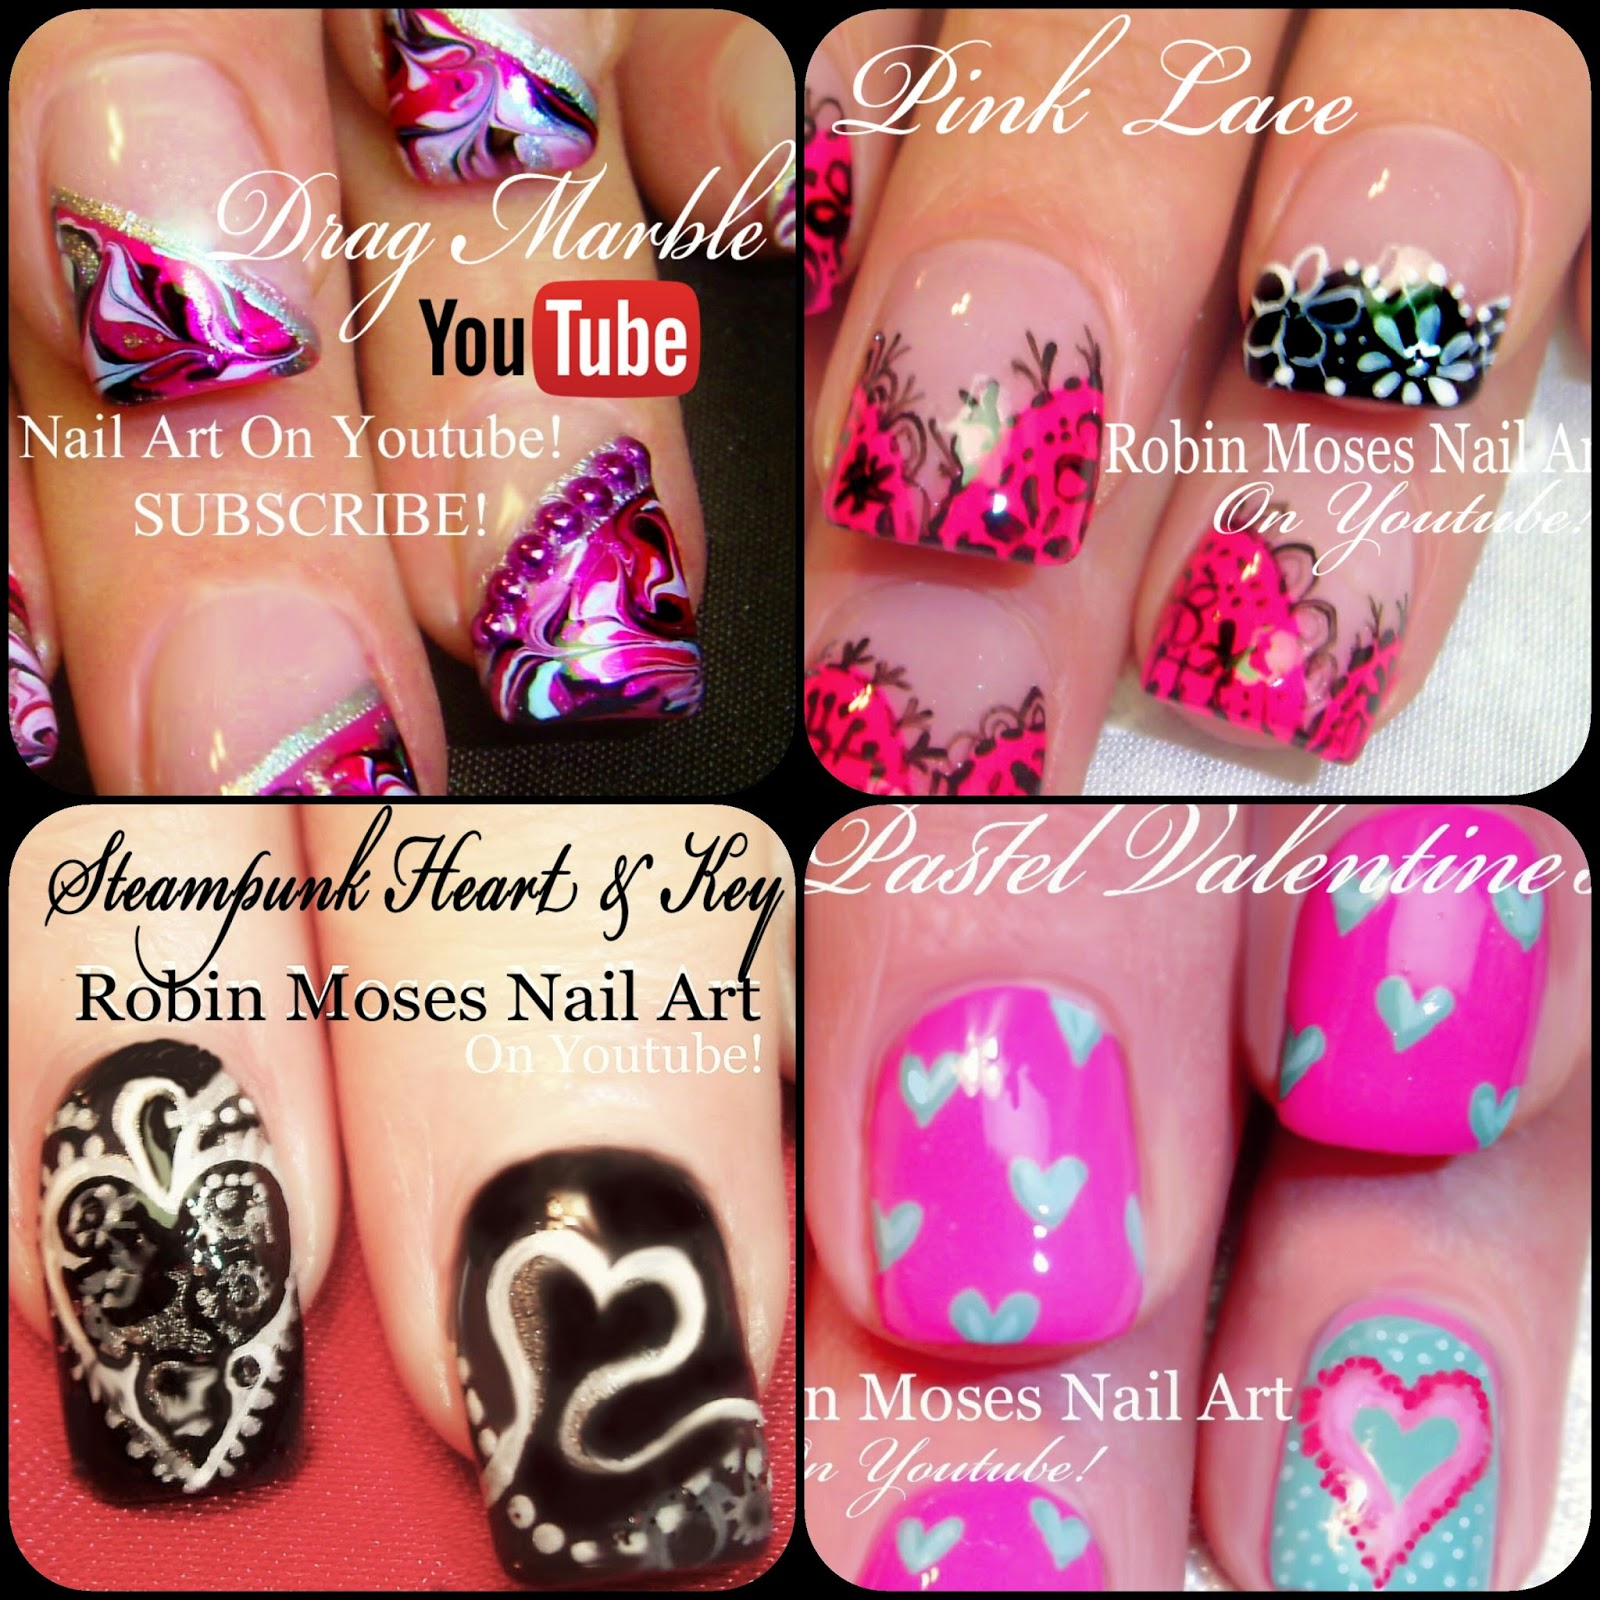 Robin Moses Nail Art February 2015: Robin Moses Nail Art